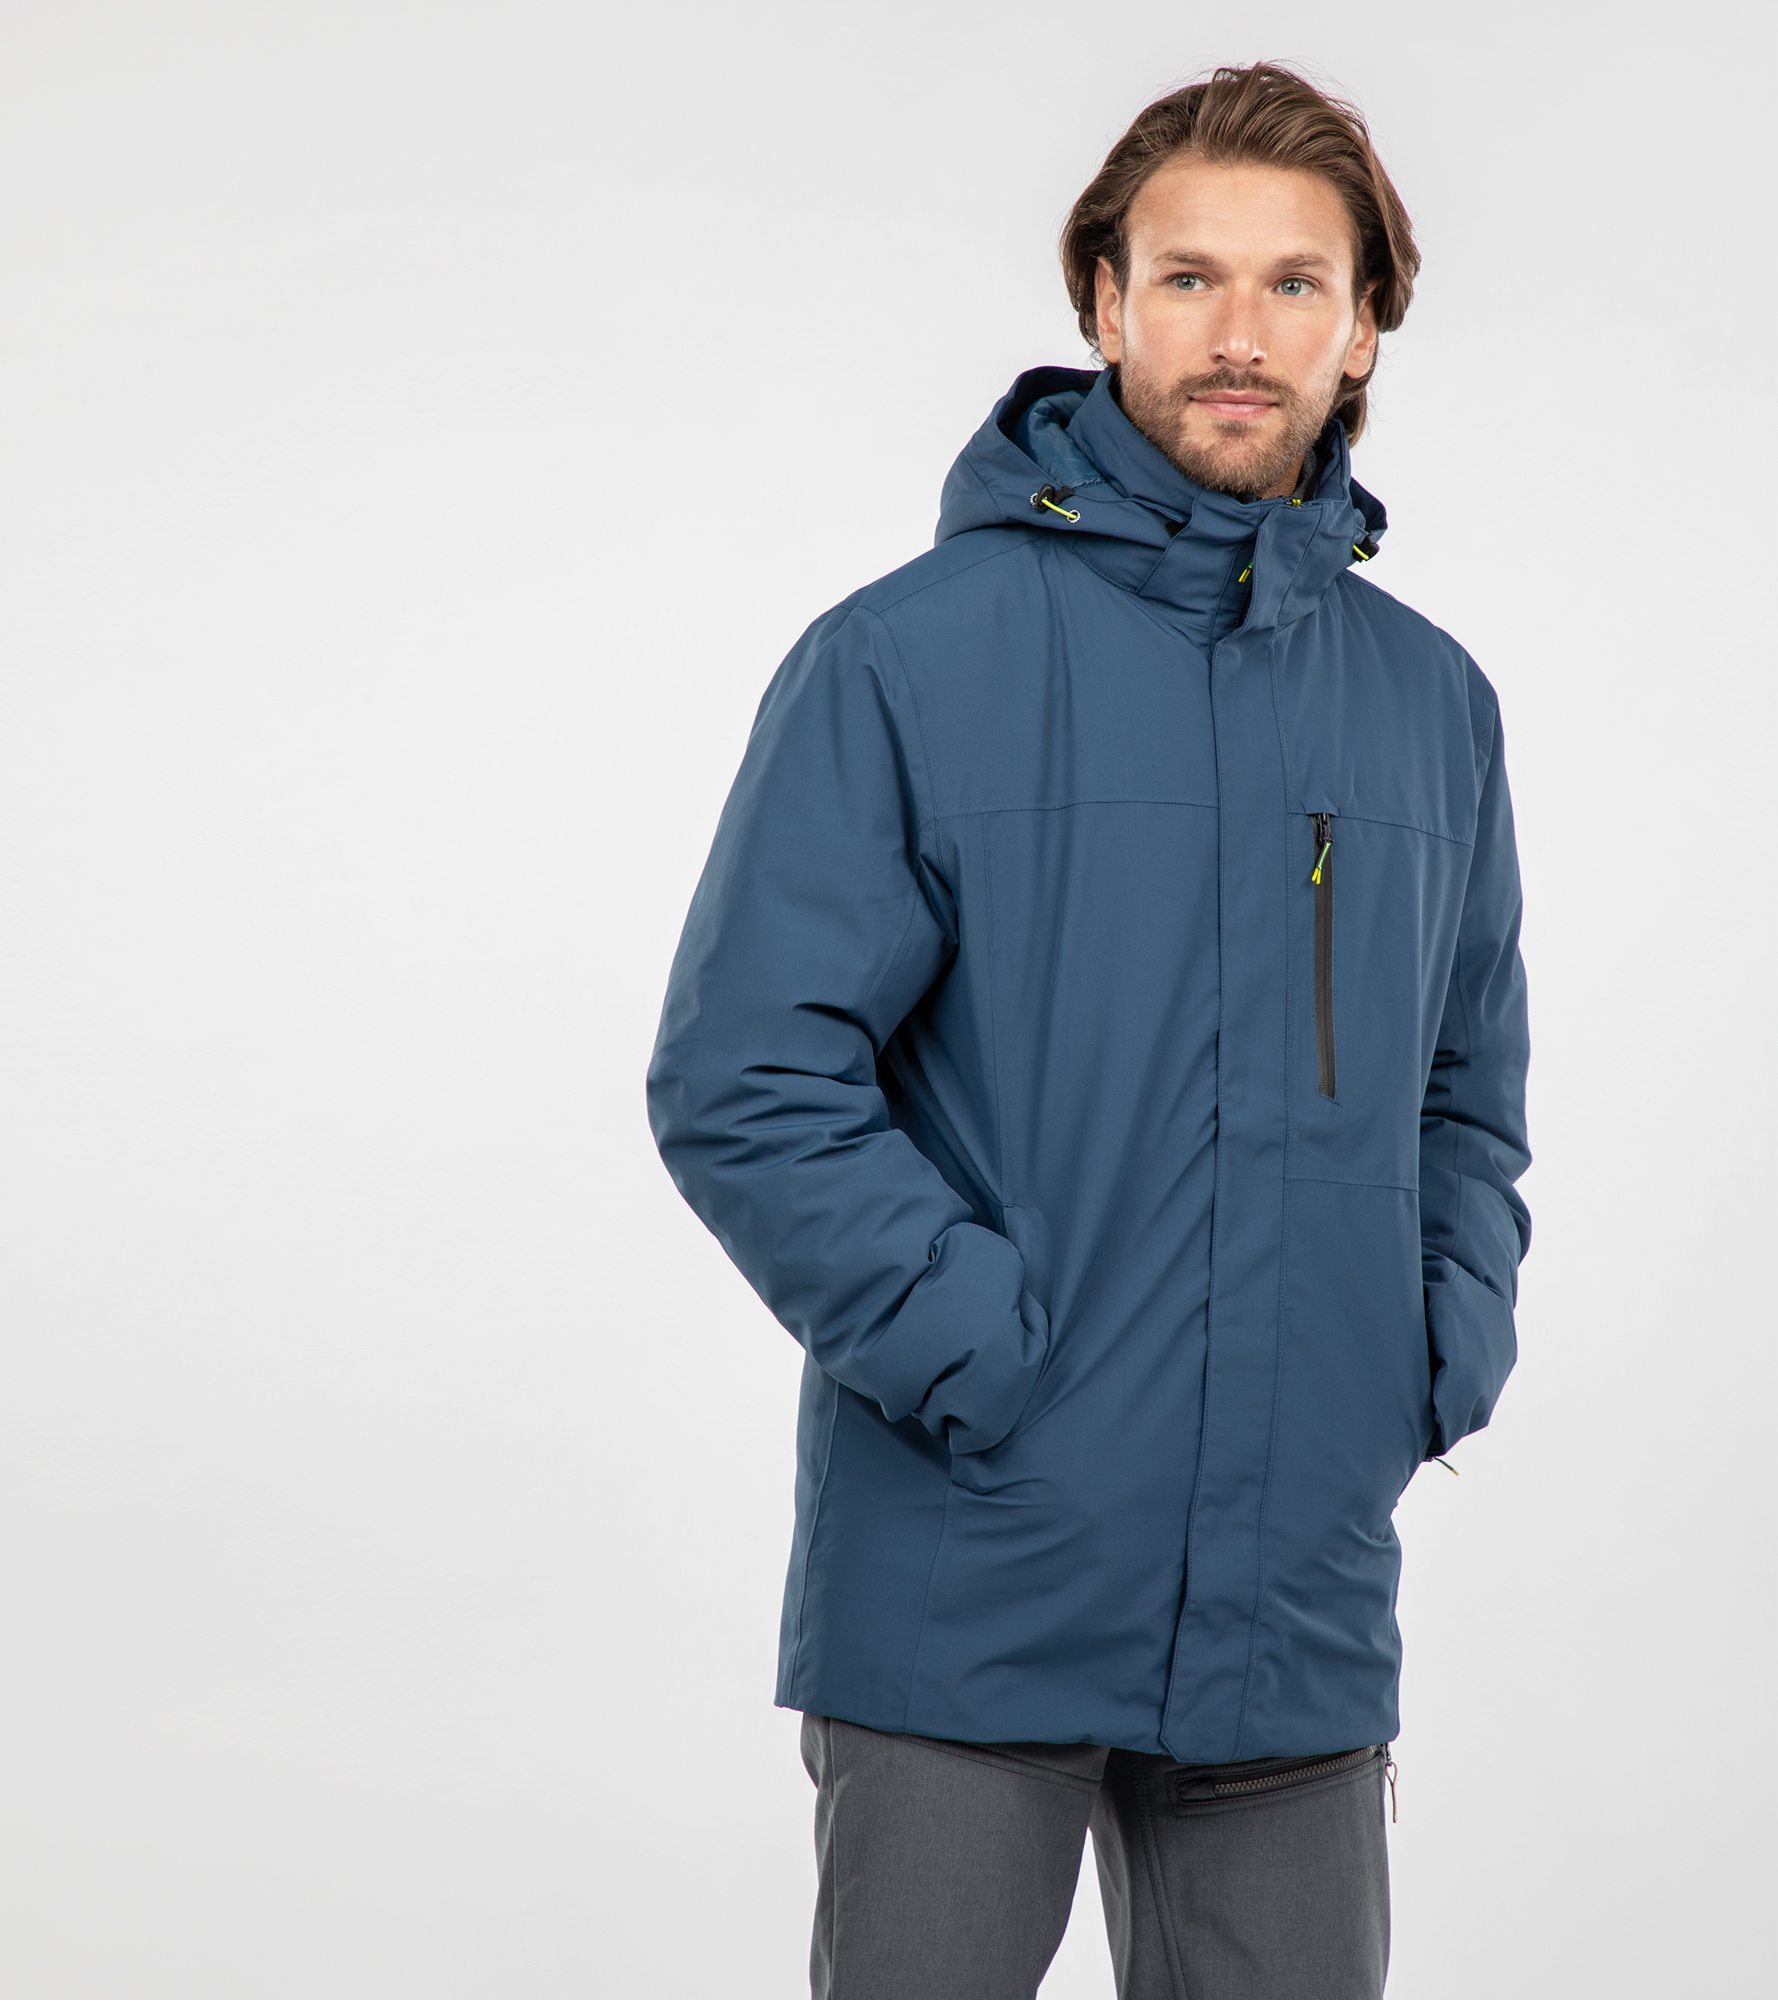 IcePeak Куртка утепленная мужская IcePeak Piedmont, размер 56 цены онлайн